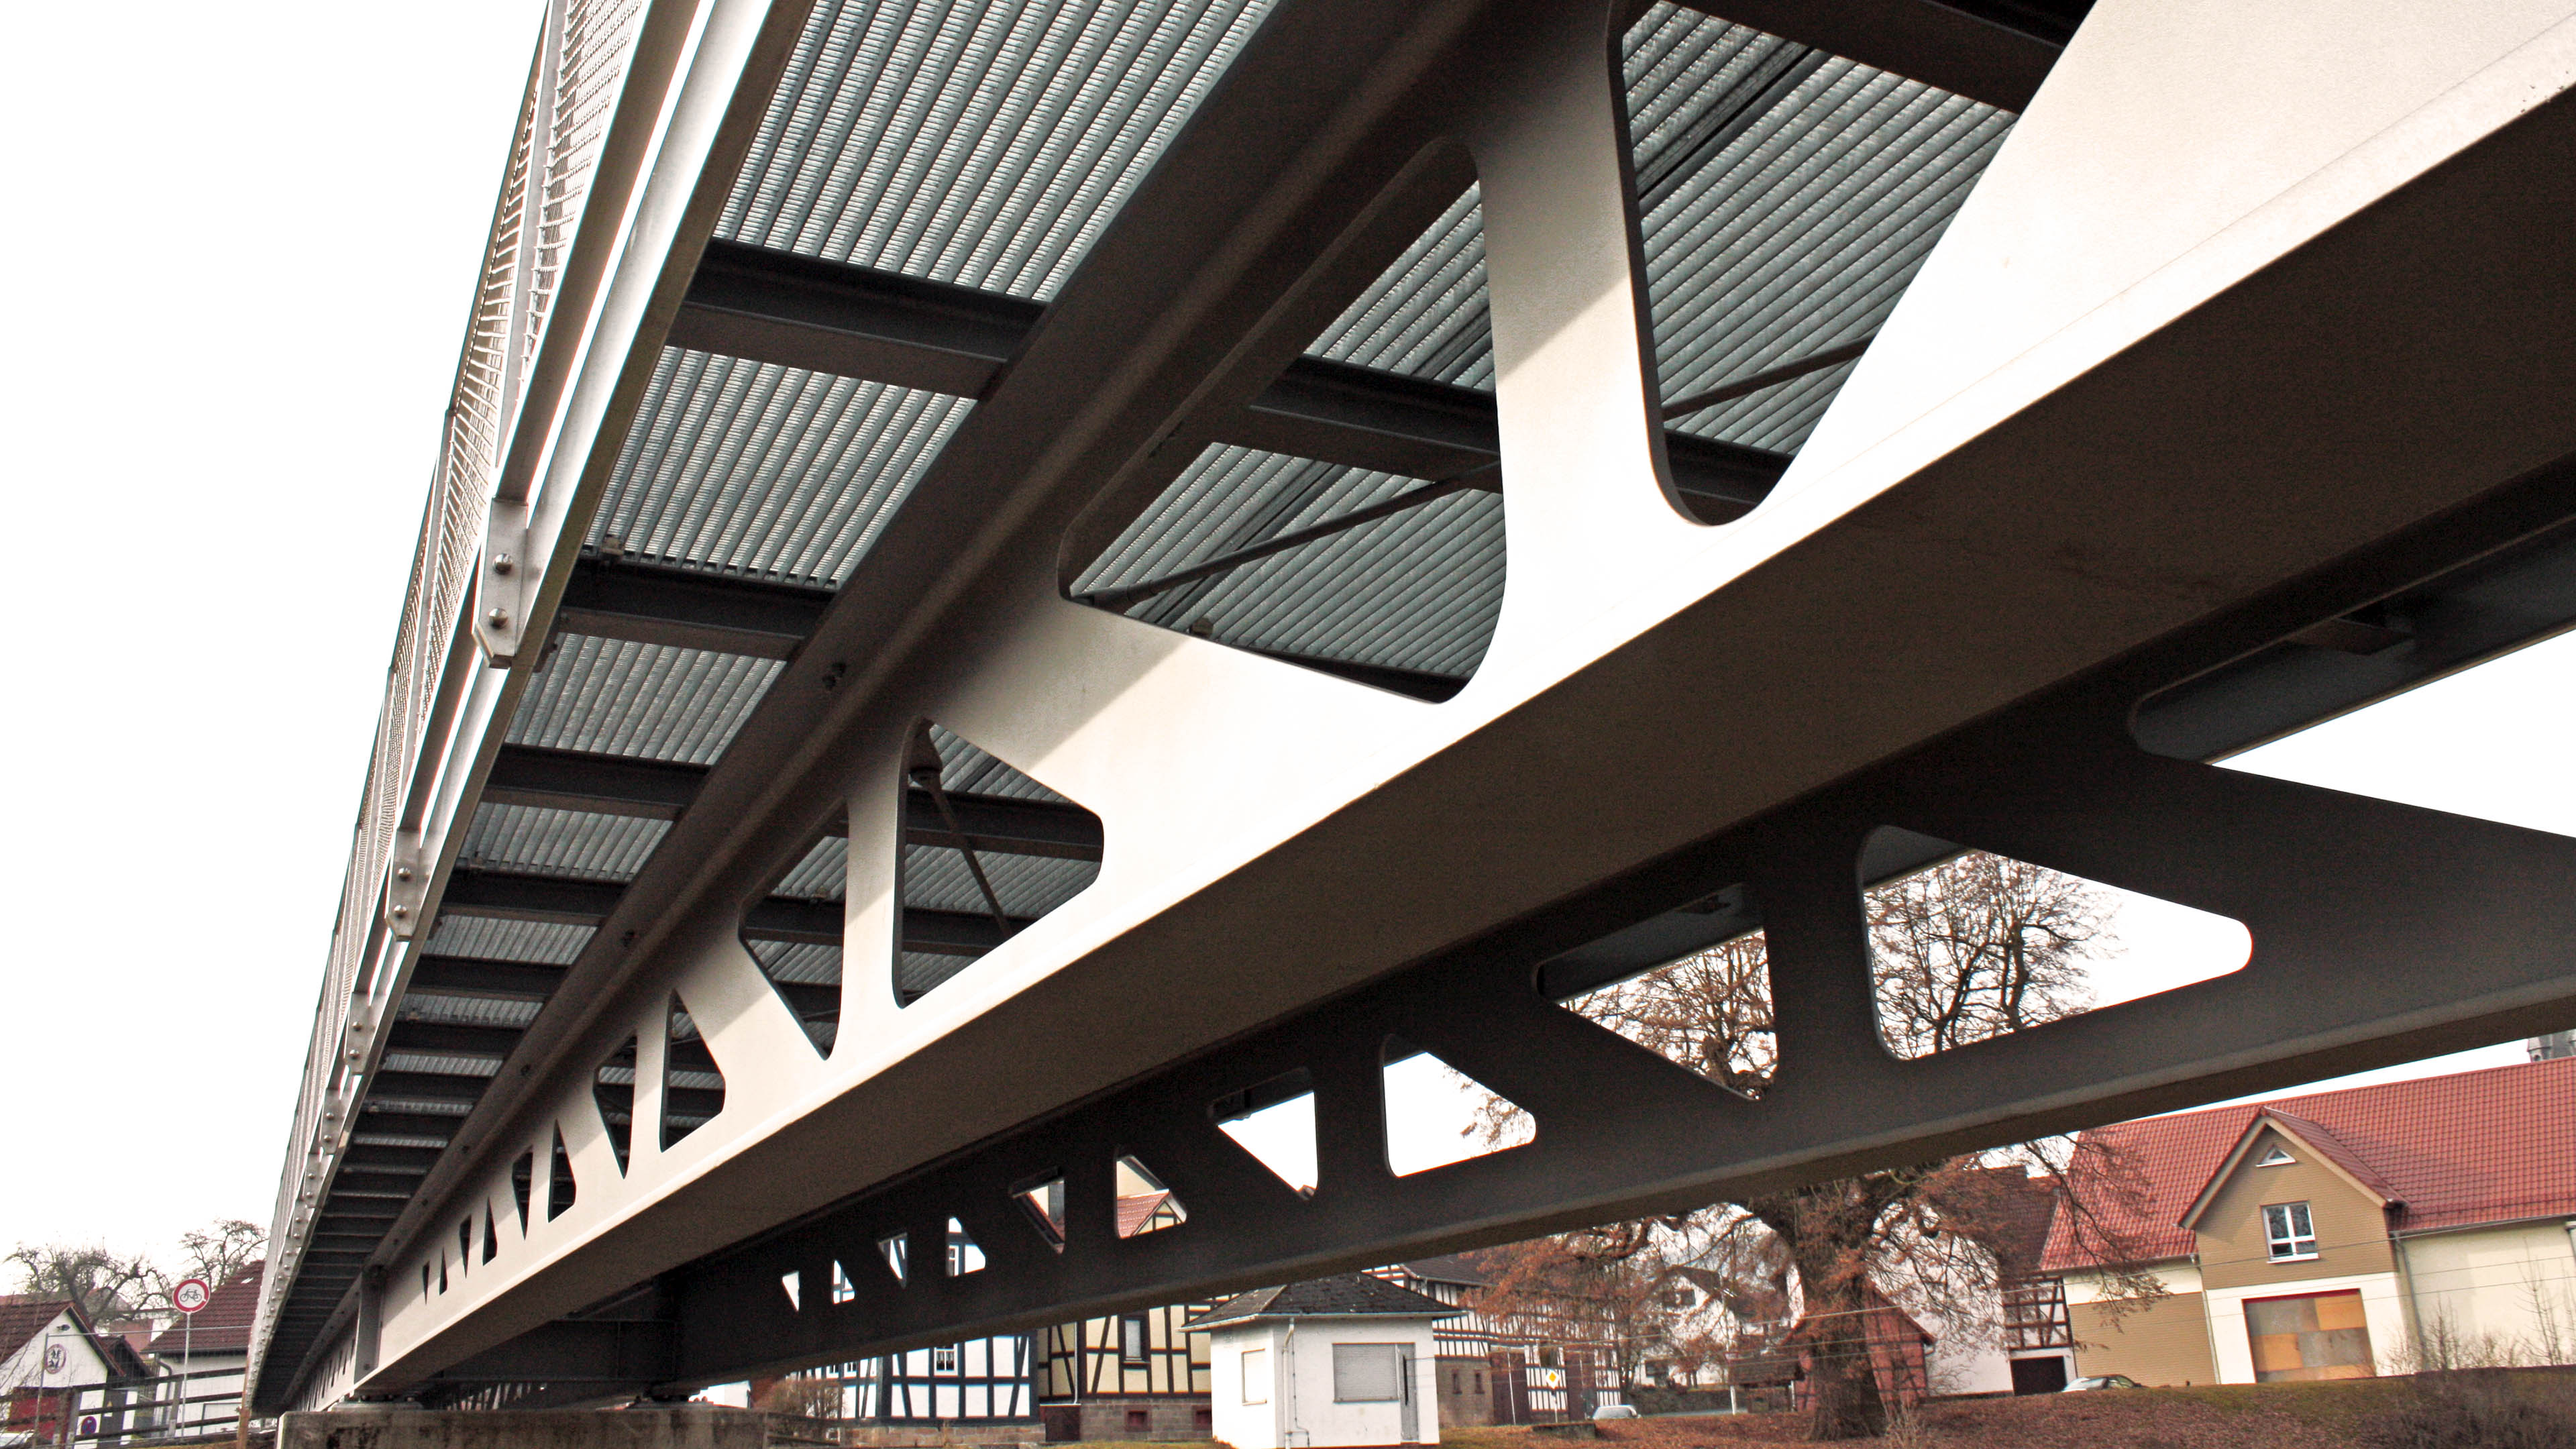 Blick von unten auf die Fußgängerbrücke mit Radweg aus Stahl in Homberg Ohm. Brücke gebaut durch Stahlbau Lamparter.